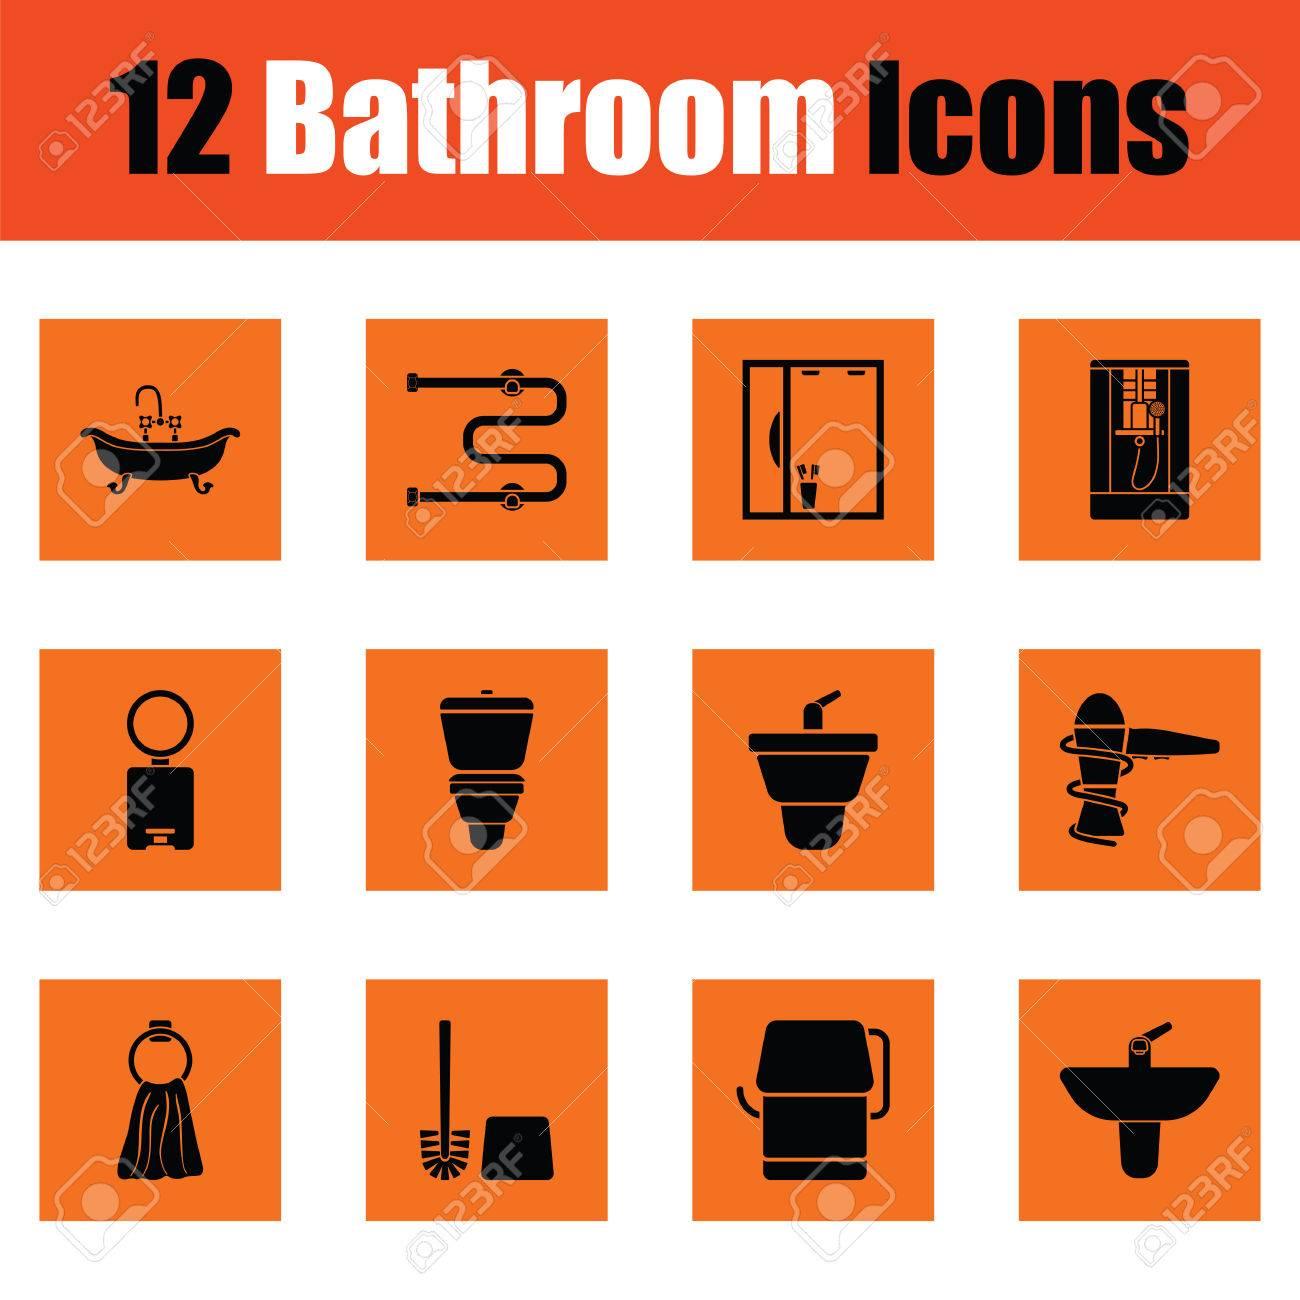 conjunto de iconos de baño. diseño naranja. ilustración del vector